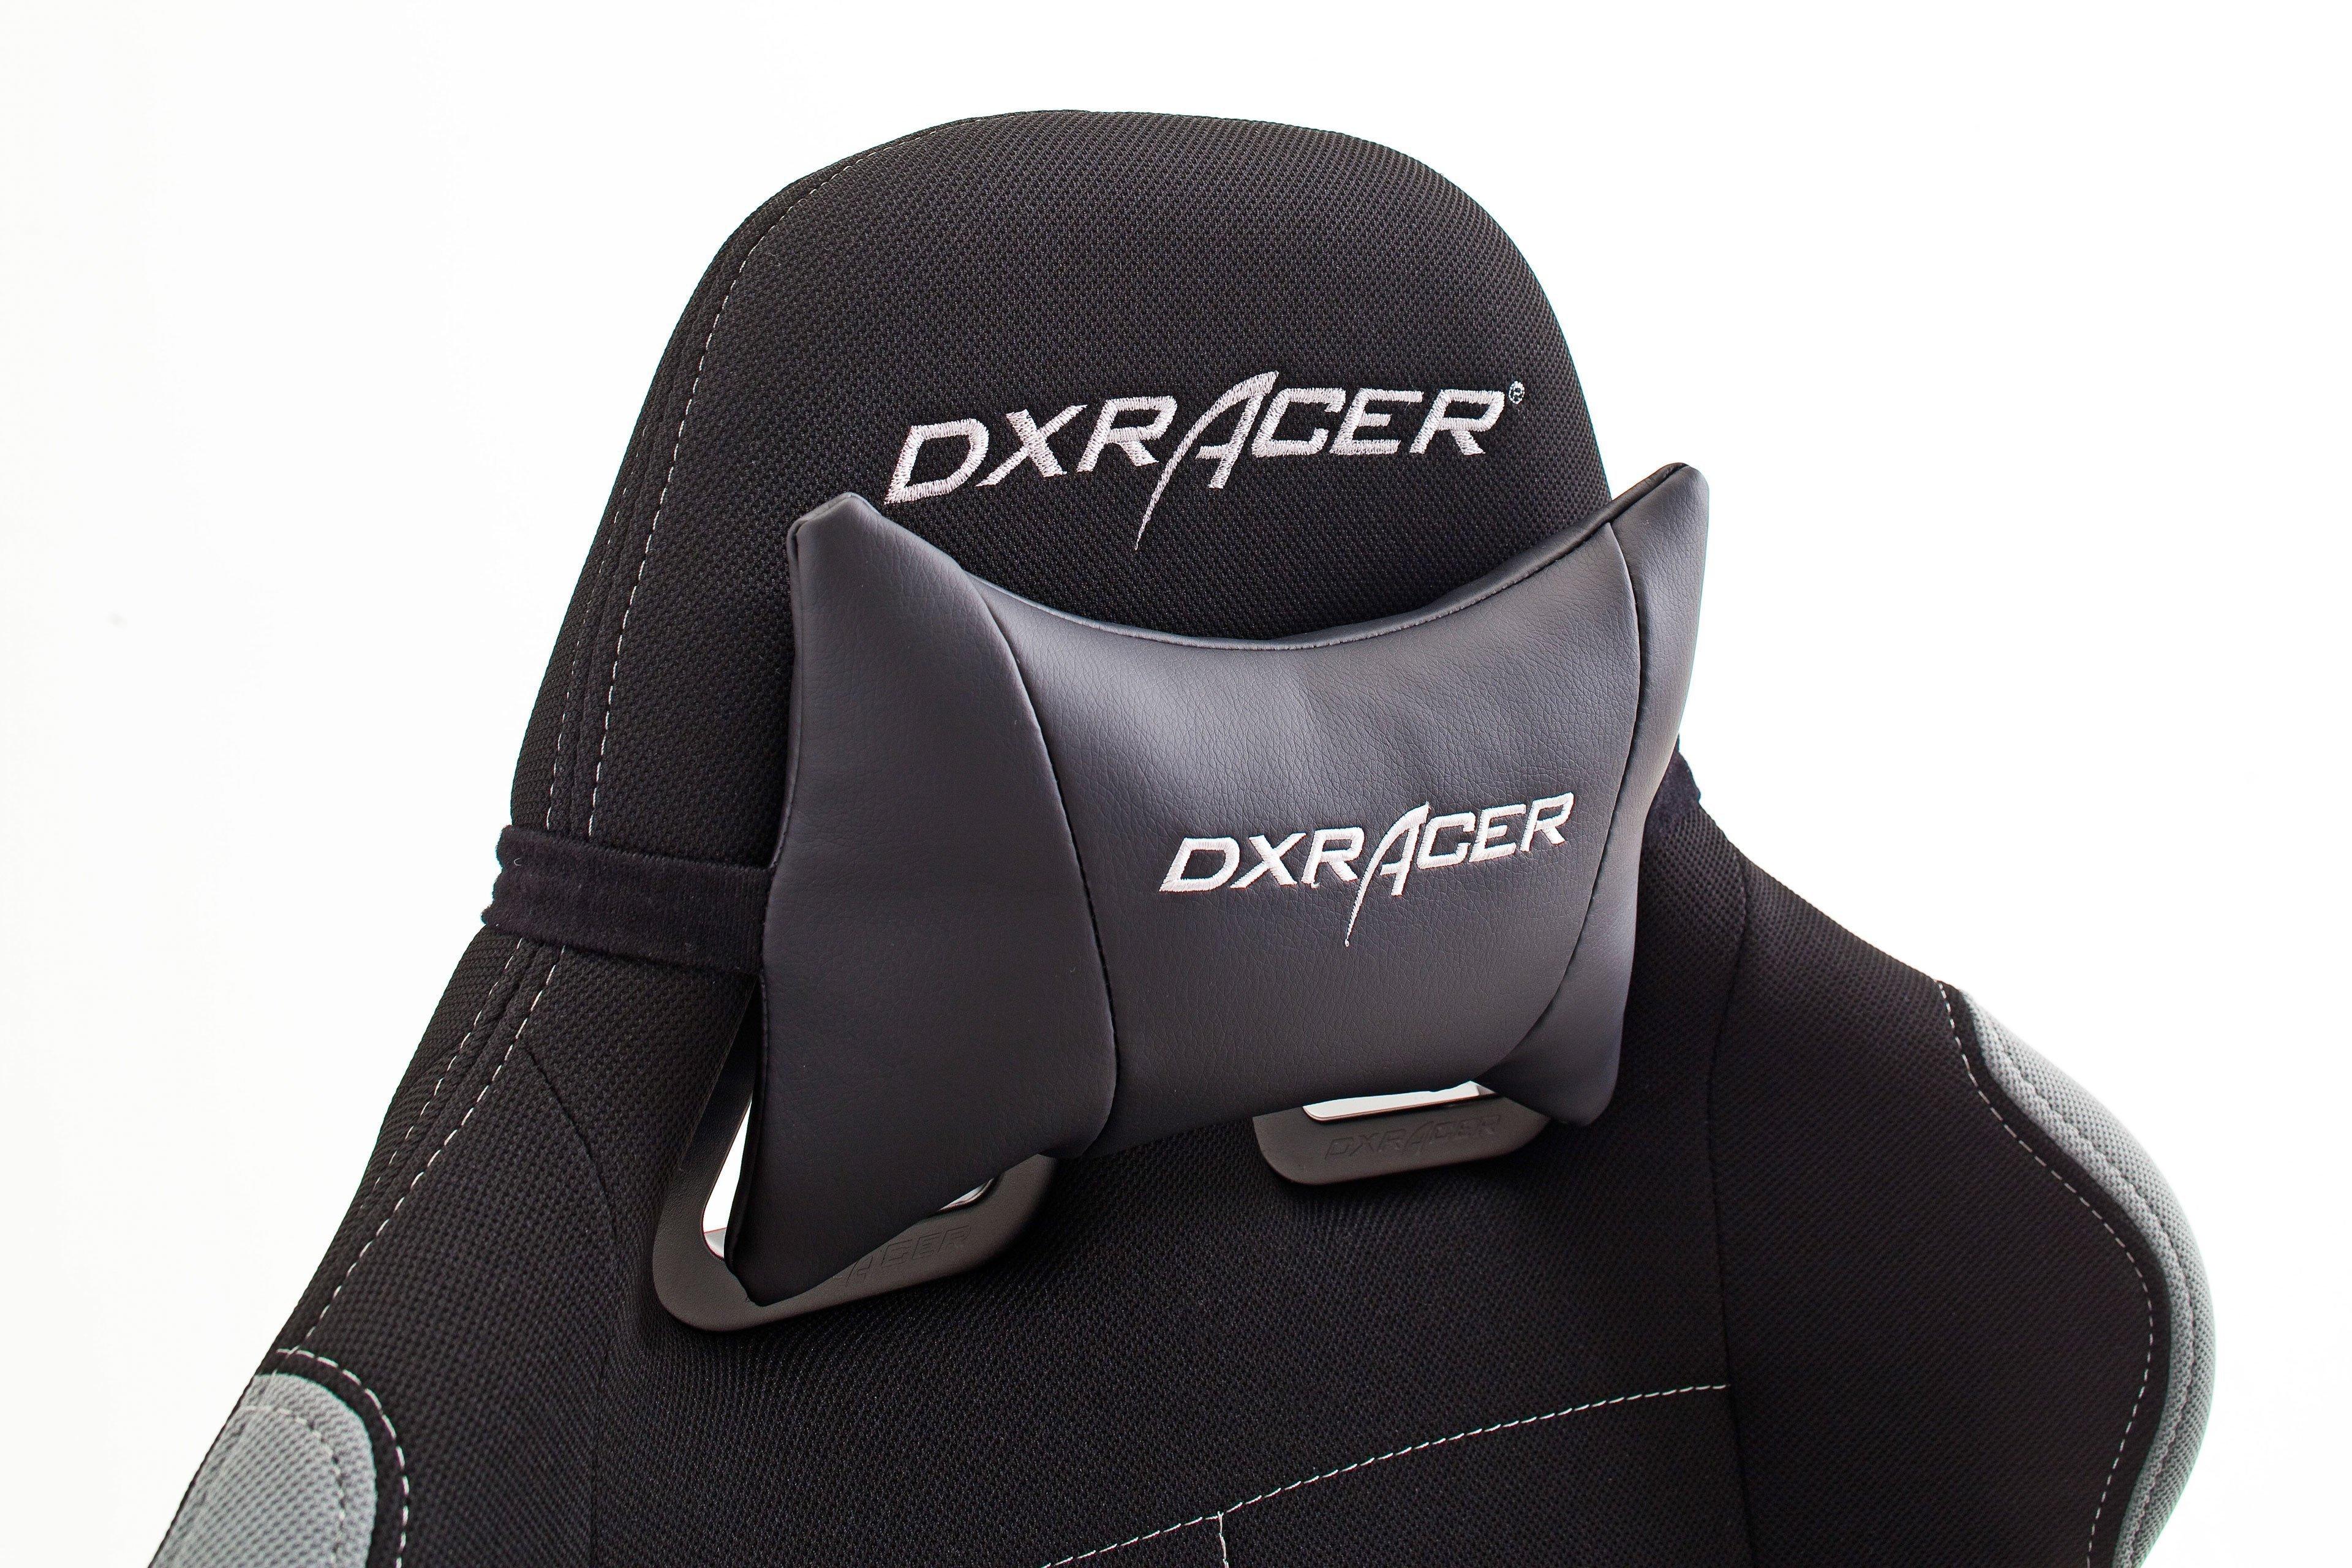 Dx Racer 5 Von Mca Gamingchair In Schwarz Grau